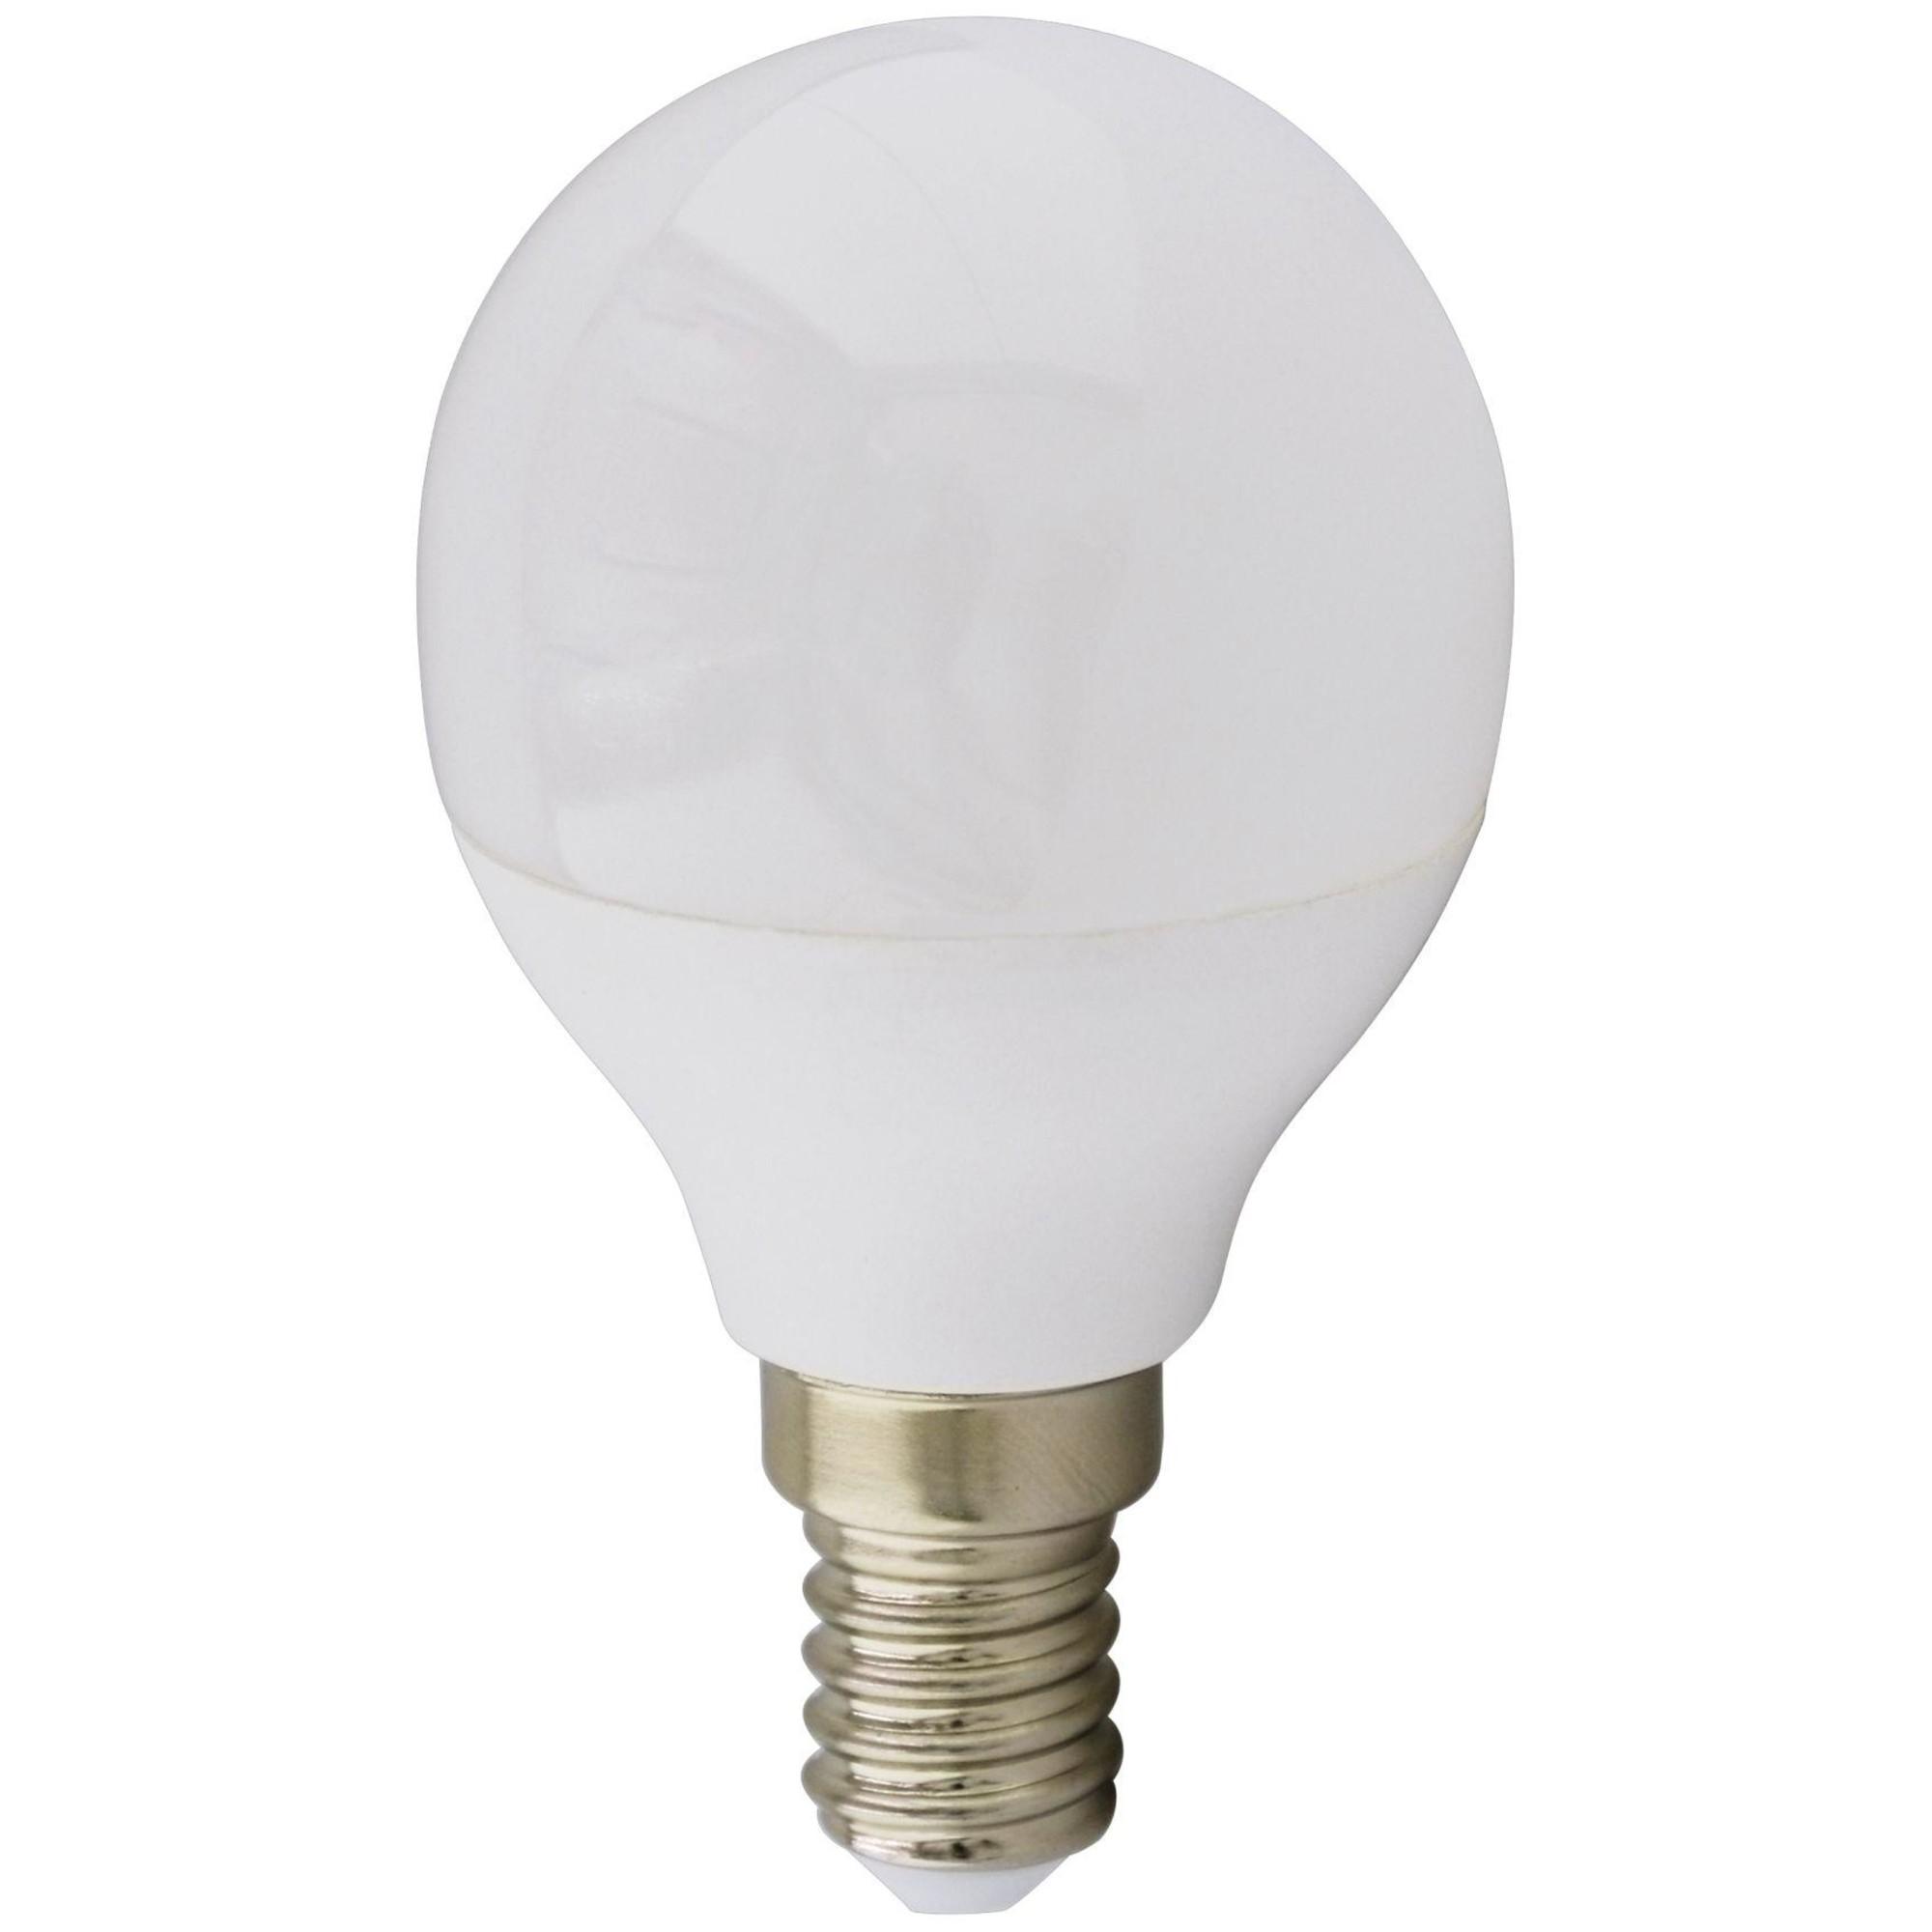 Лампа Ecola Premium светодионая E14 5.40 Вт шар 430 Лм нейтральный свет